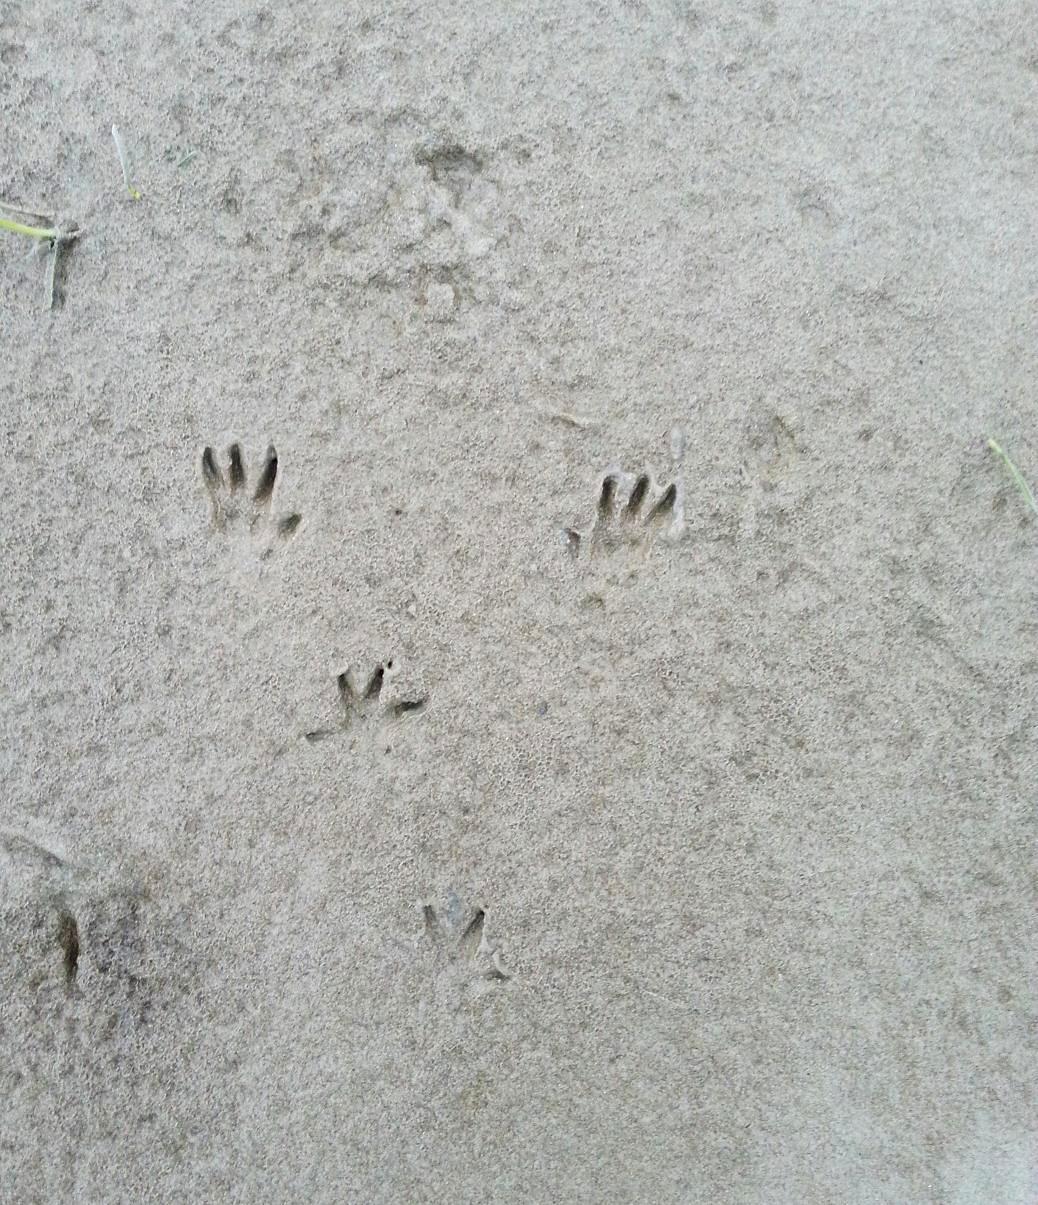 Dans ce groupe de traces de rongeur, les pieds antérieurs se situent